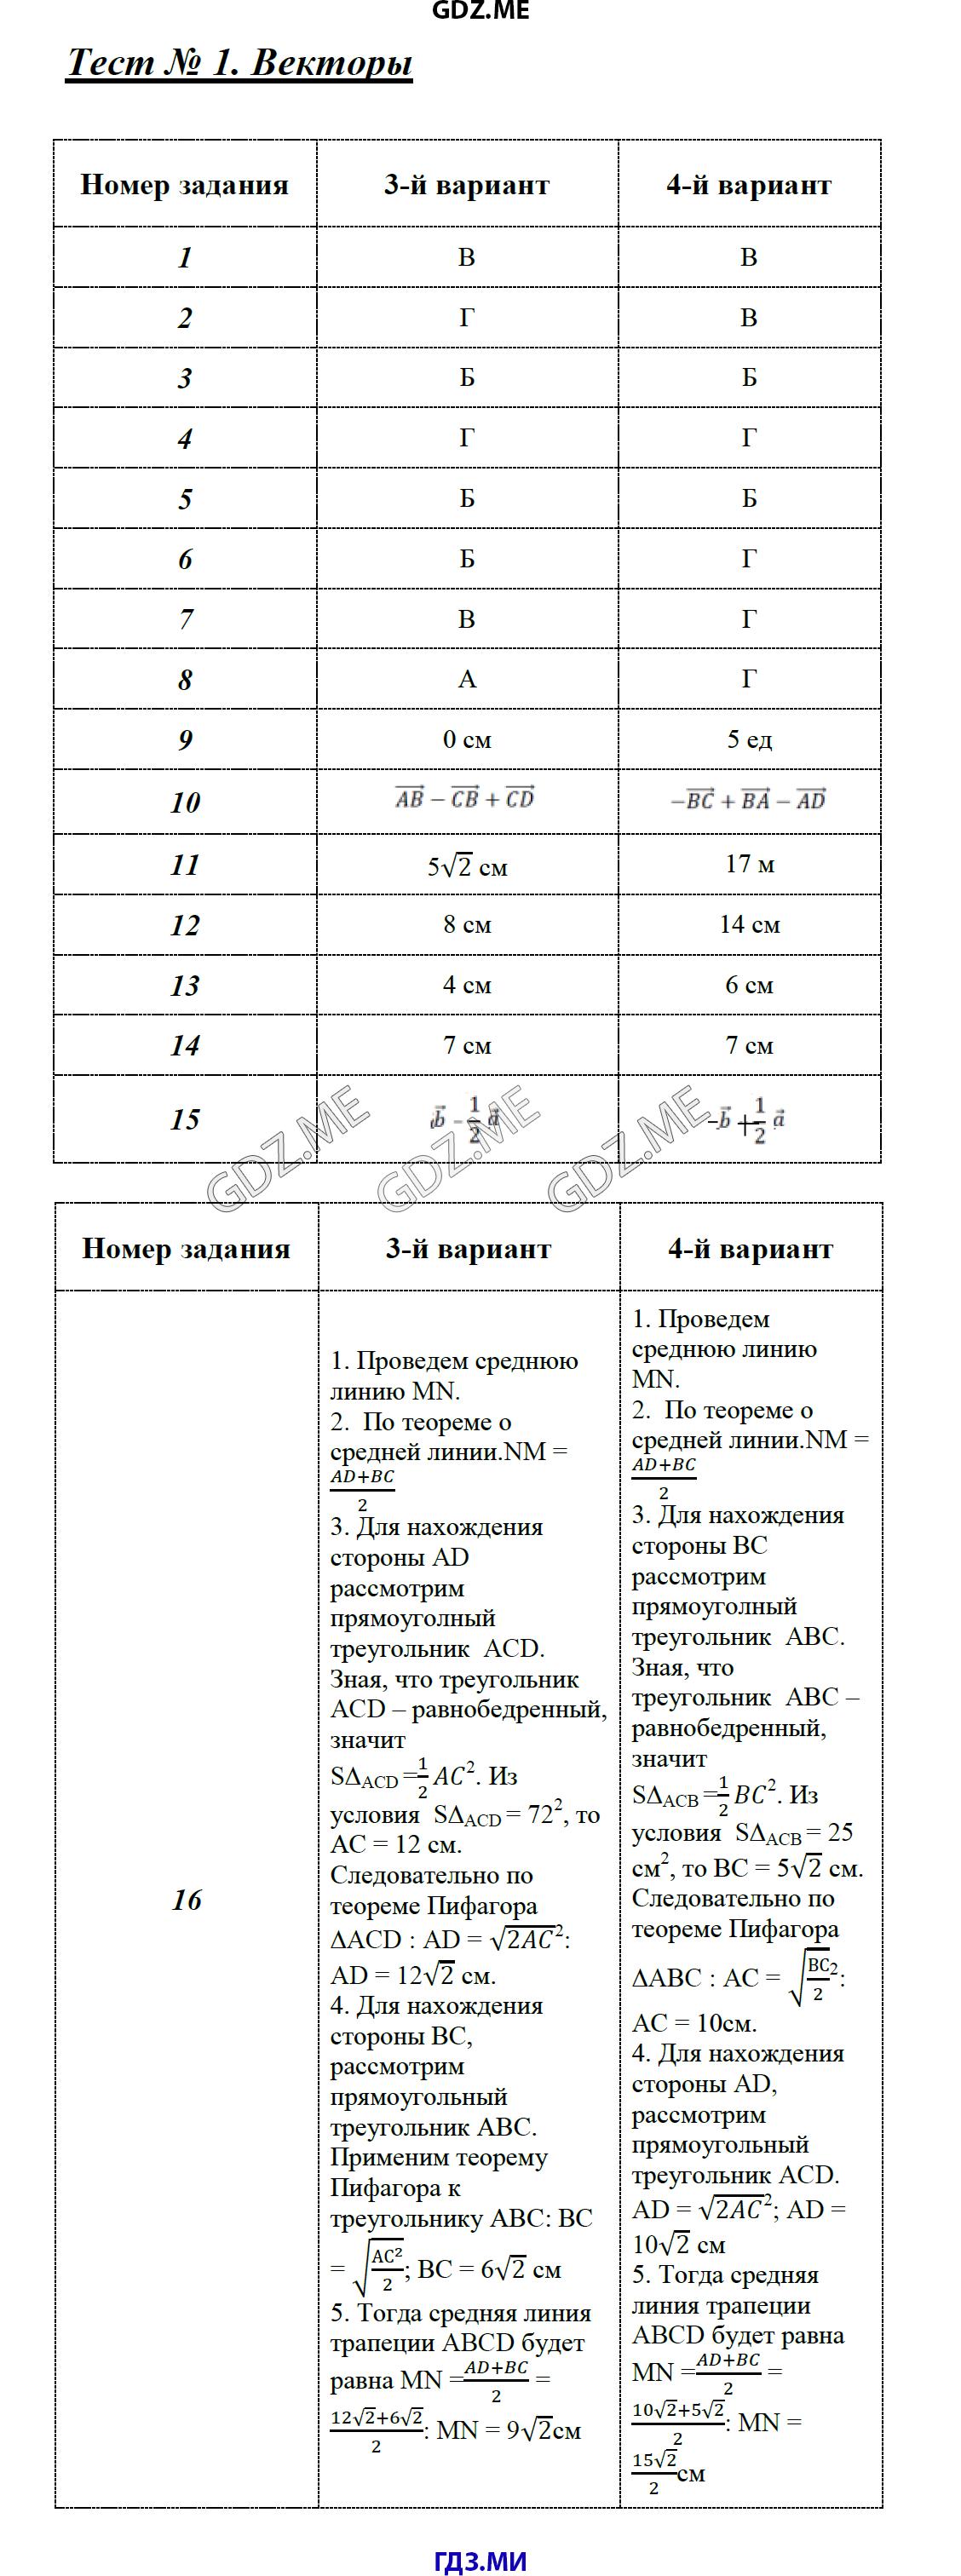 Гдз по всем предметам за класс геометрия